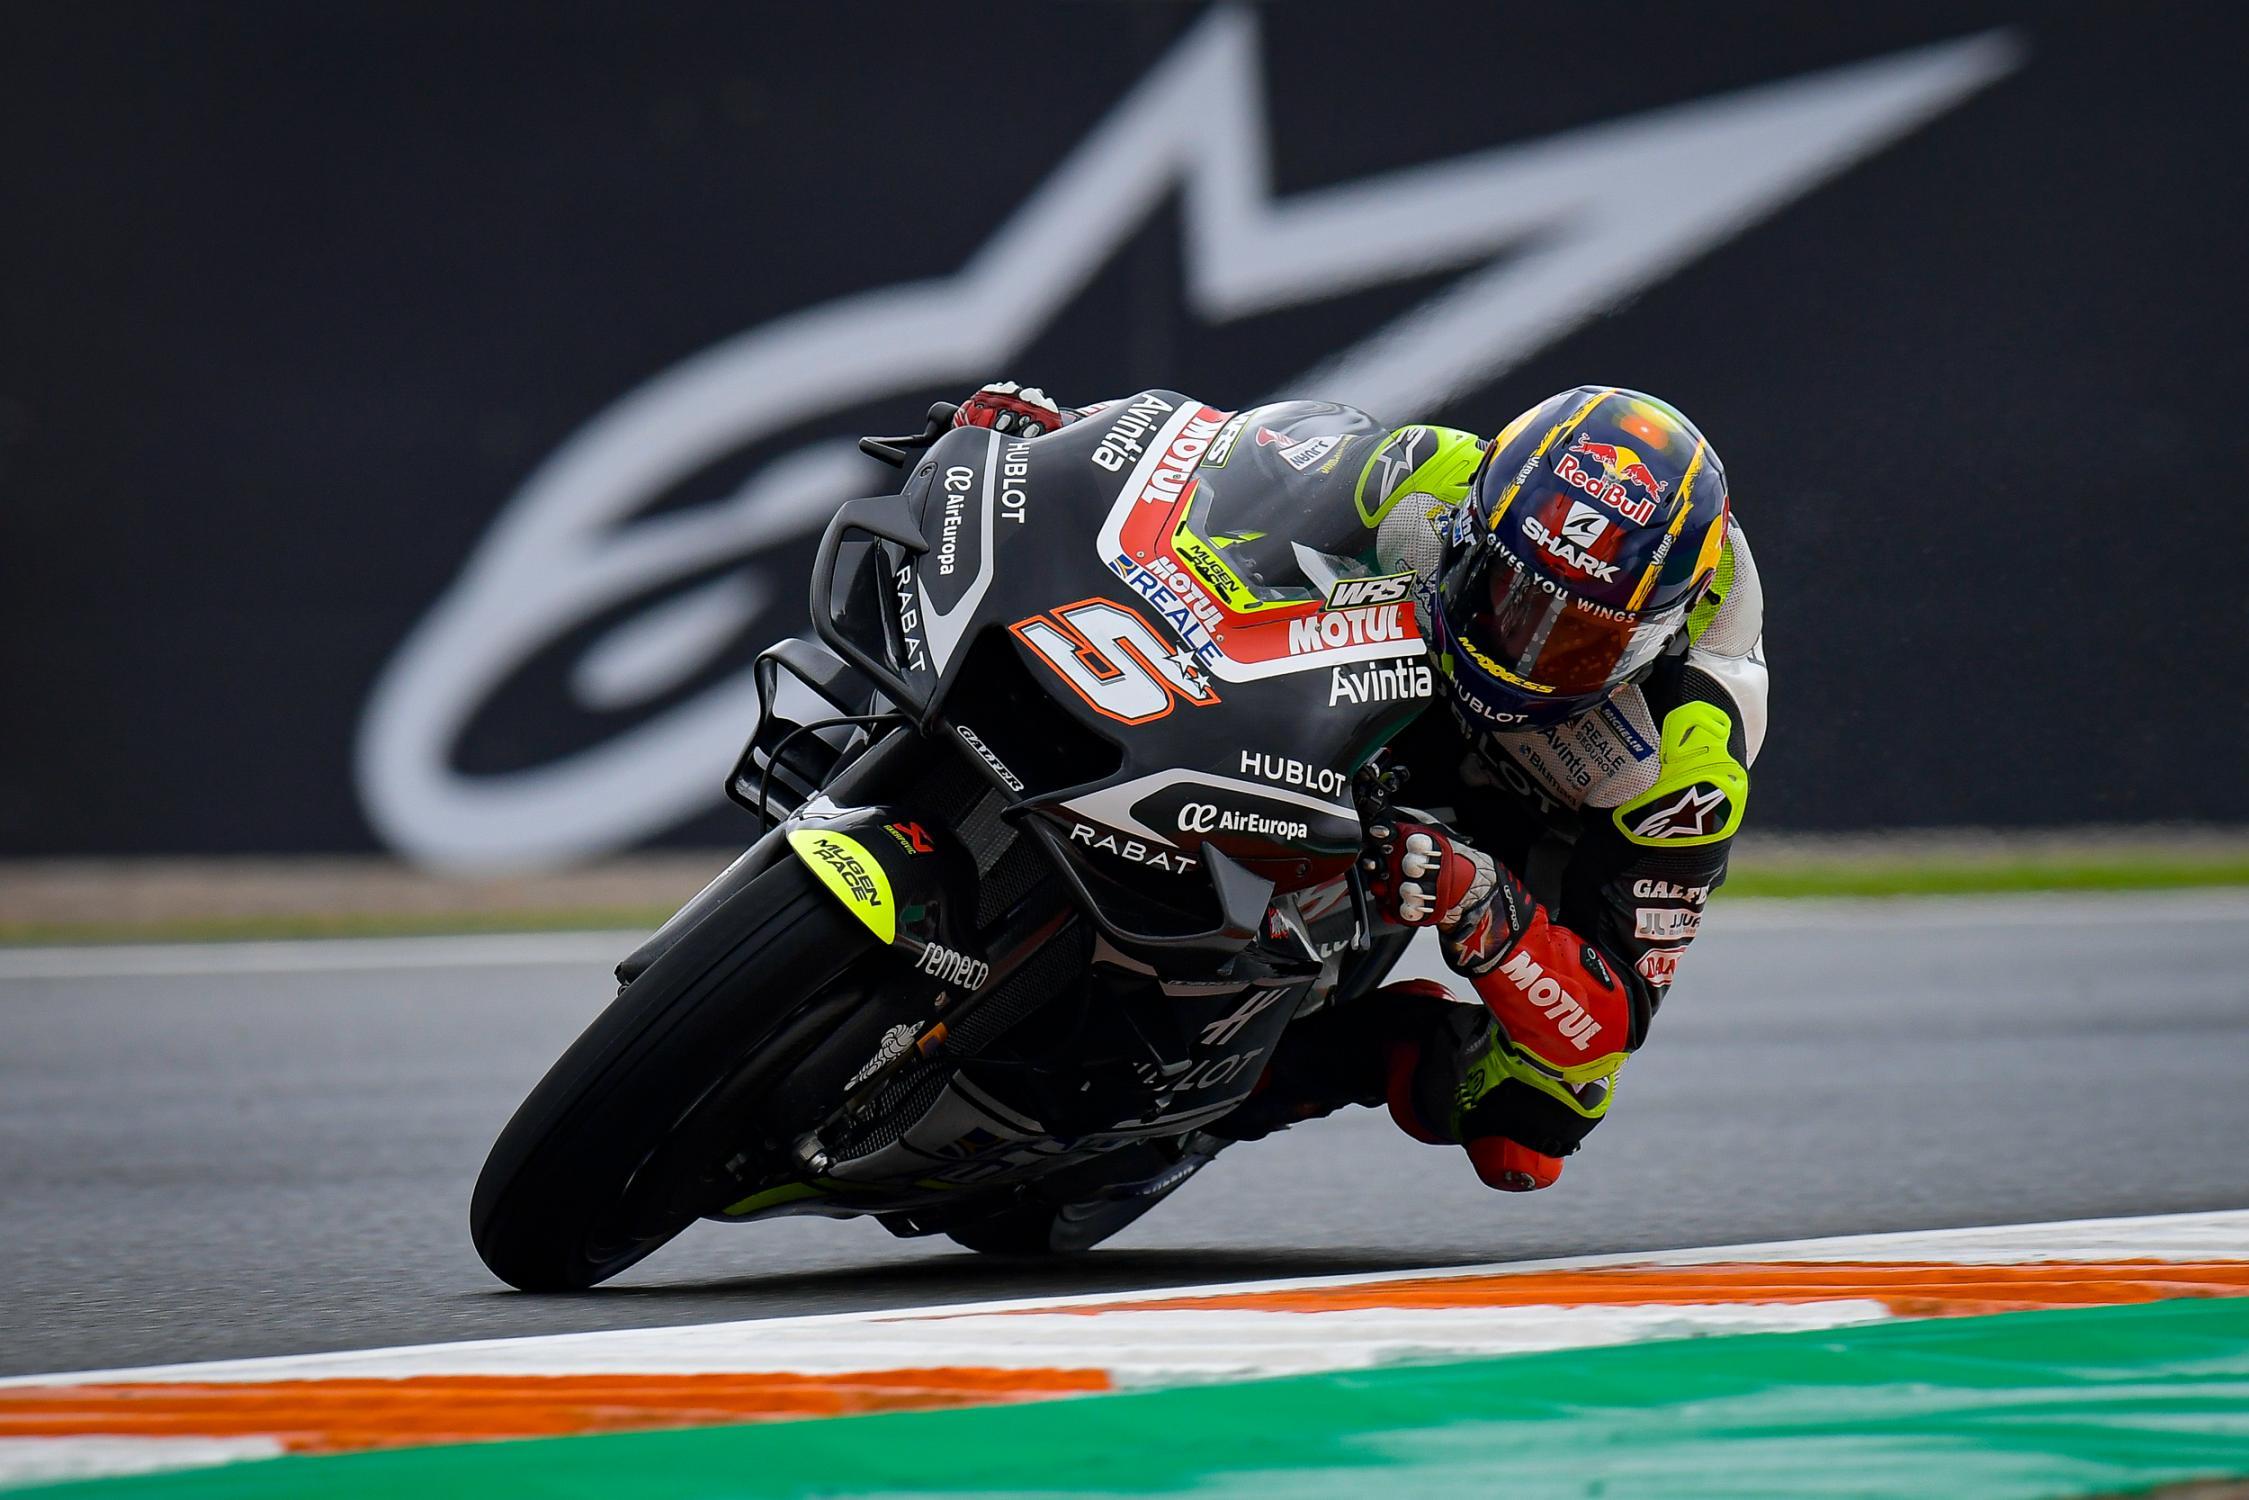 Rossi negativo: può tornare in sella alla Yamaha e correre a Valencia